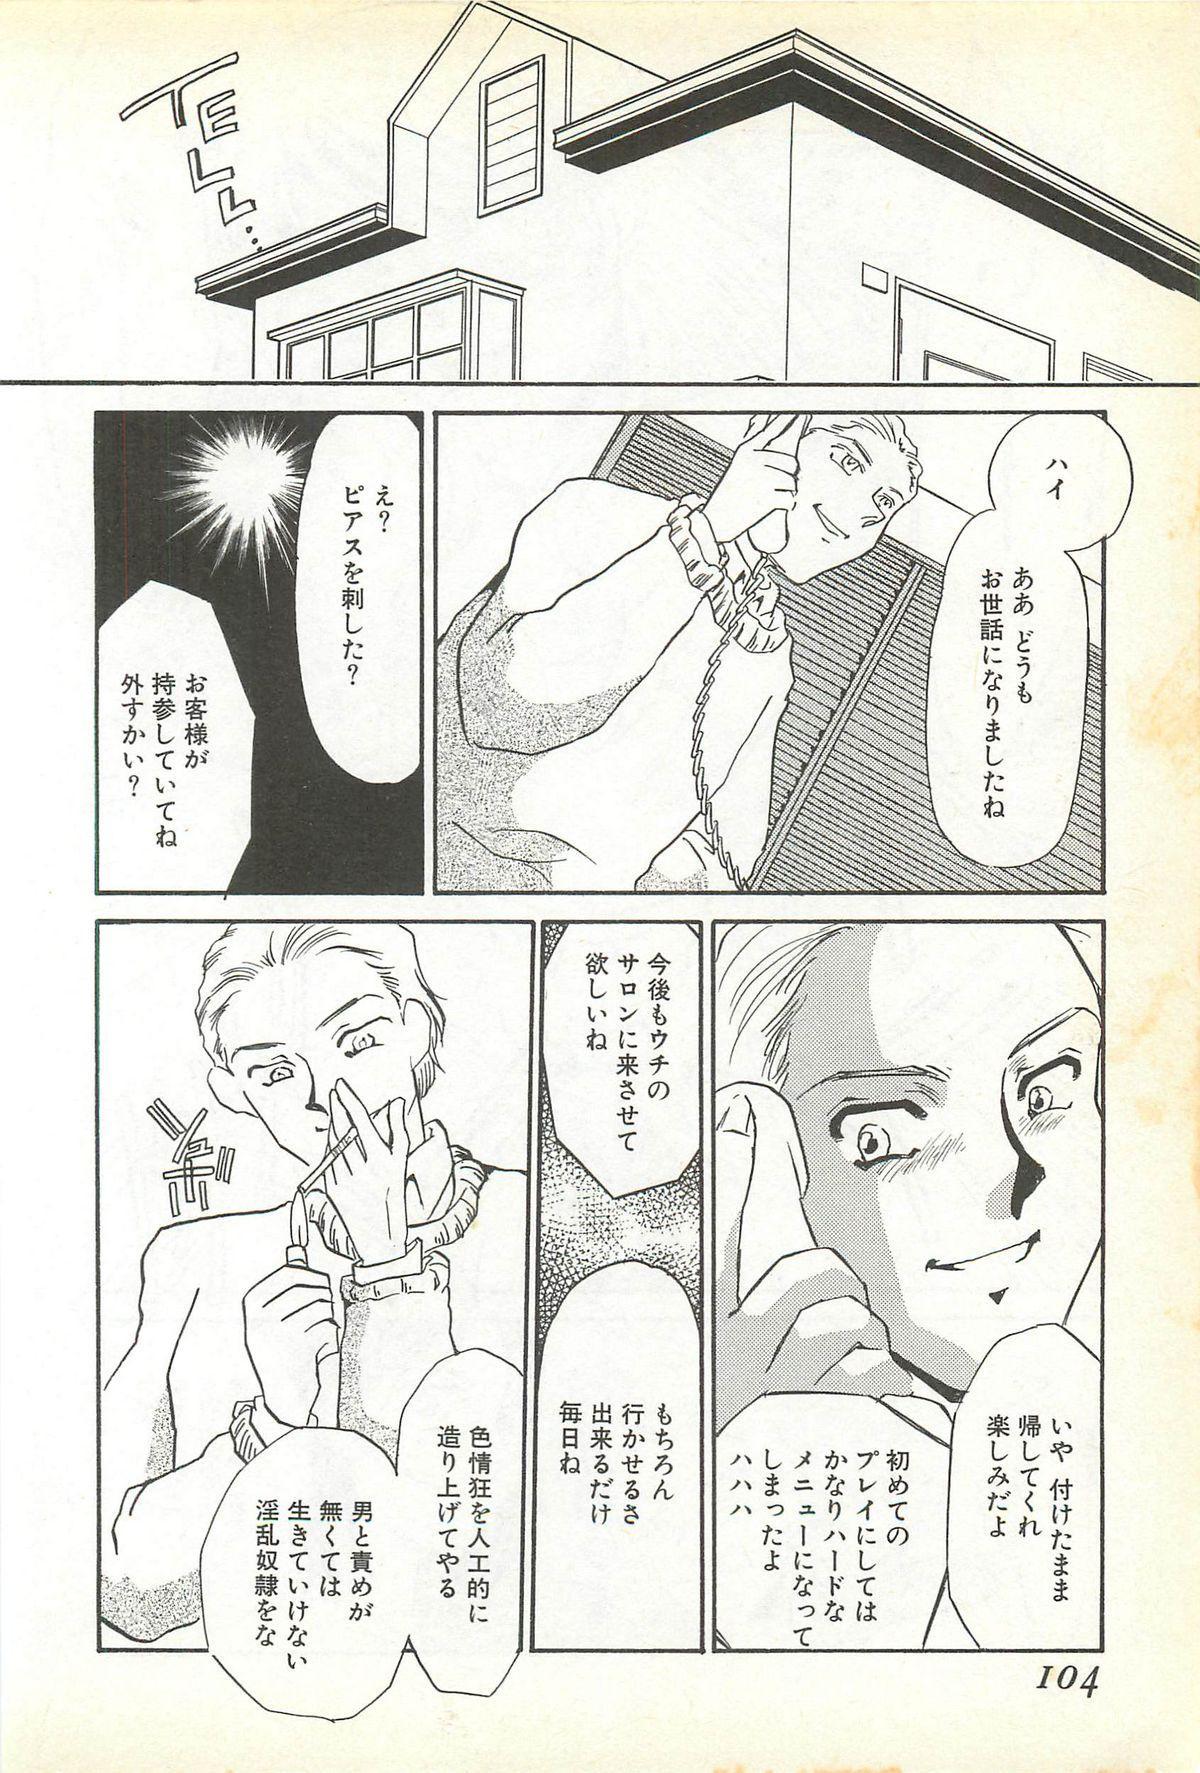 Chigyaku no Heya - A Shameful Punishment Room 99